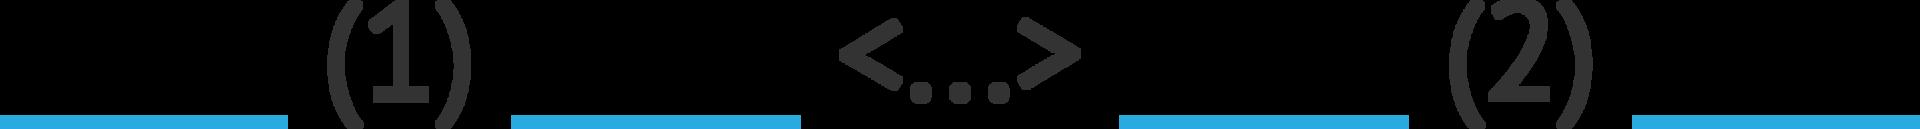 (G2.G.9) Zdania współrzędnie złożone; wykres zdania do ćwiczenia (C)